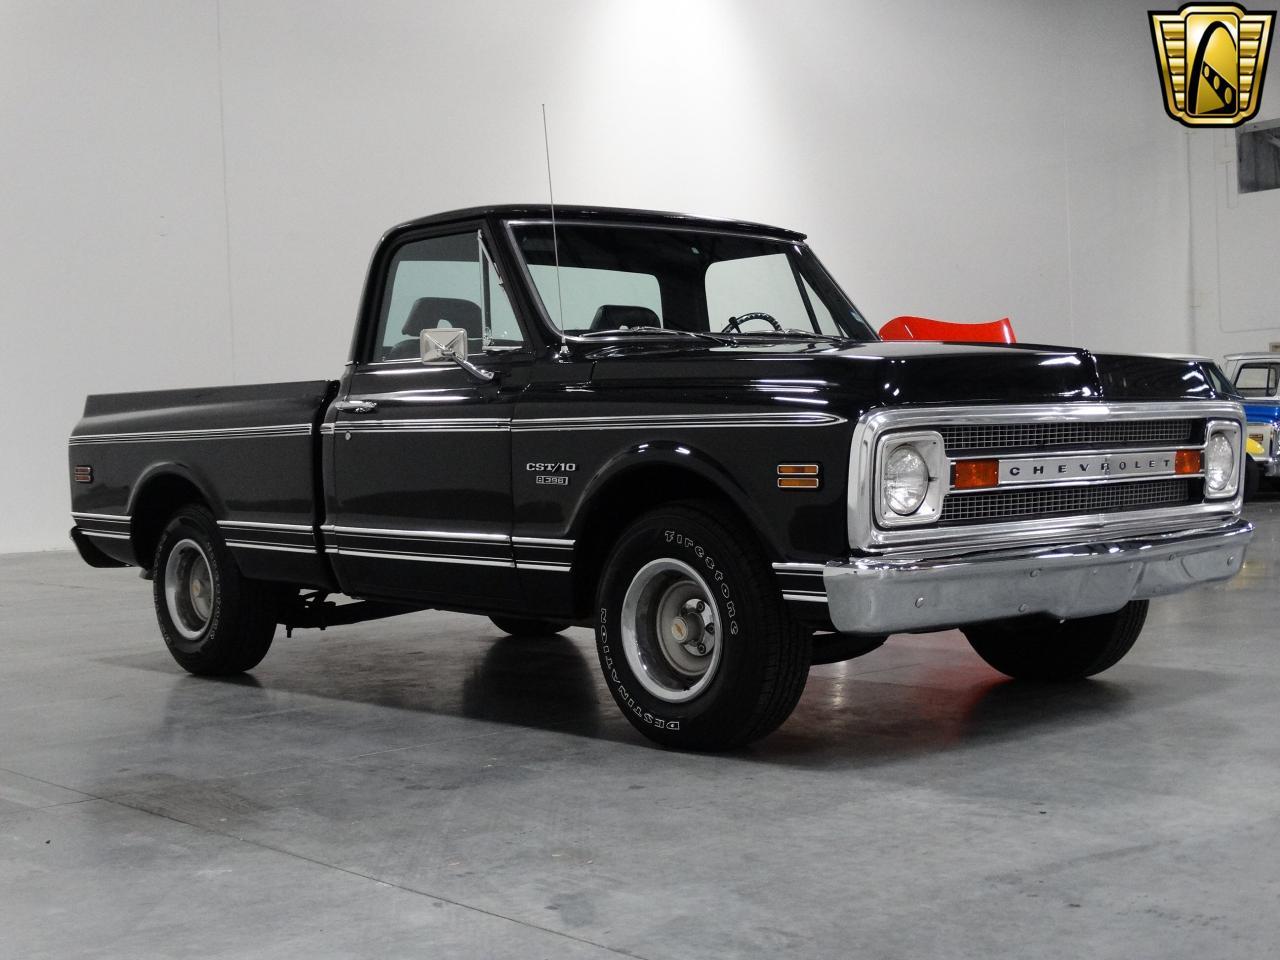 1969 chevrolet c10 461 miles black truck 396 cid v8 3 for Chevy v8 motors for sale